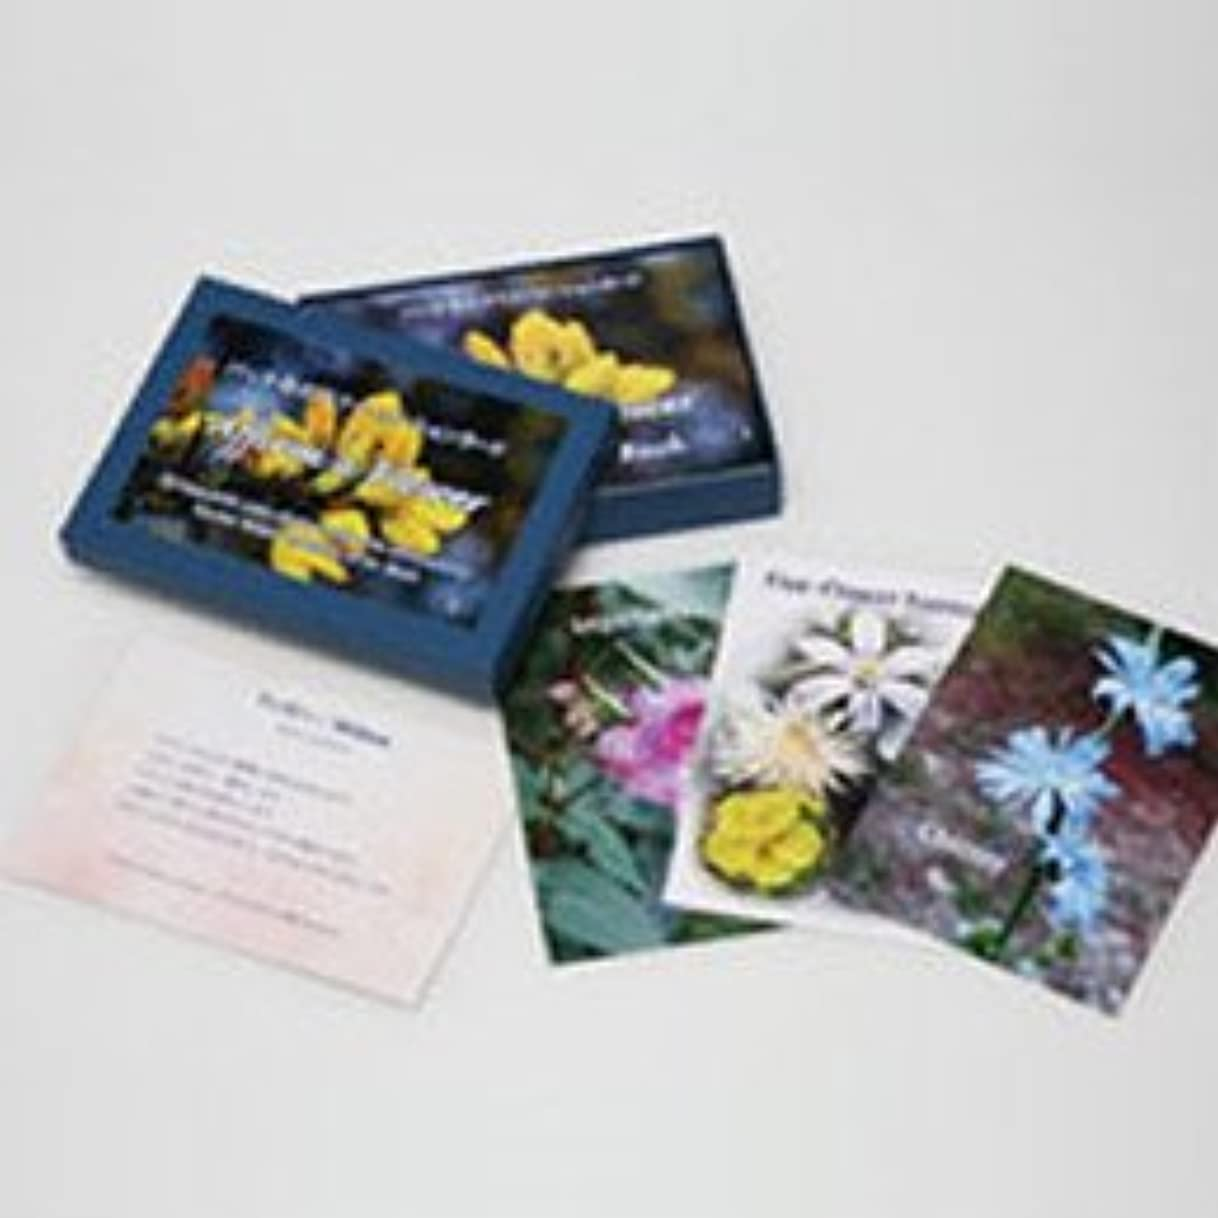 ハイブリッド一般化するロードされたバッチアファメーションカード(38枚) 日本国内正規品